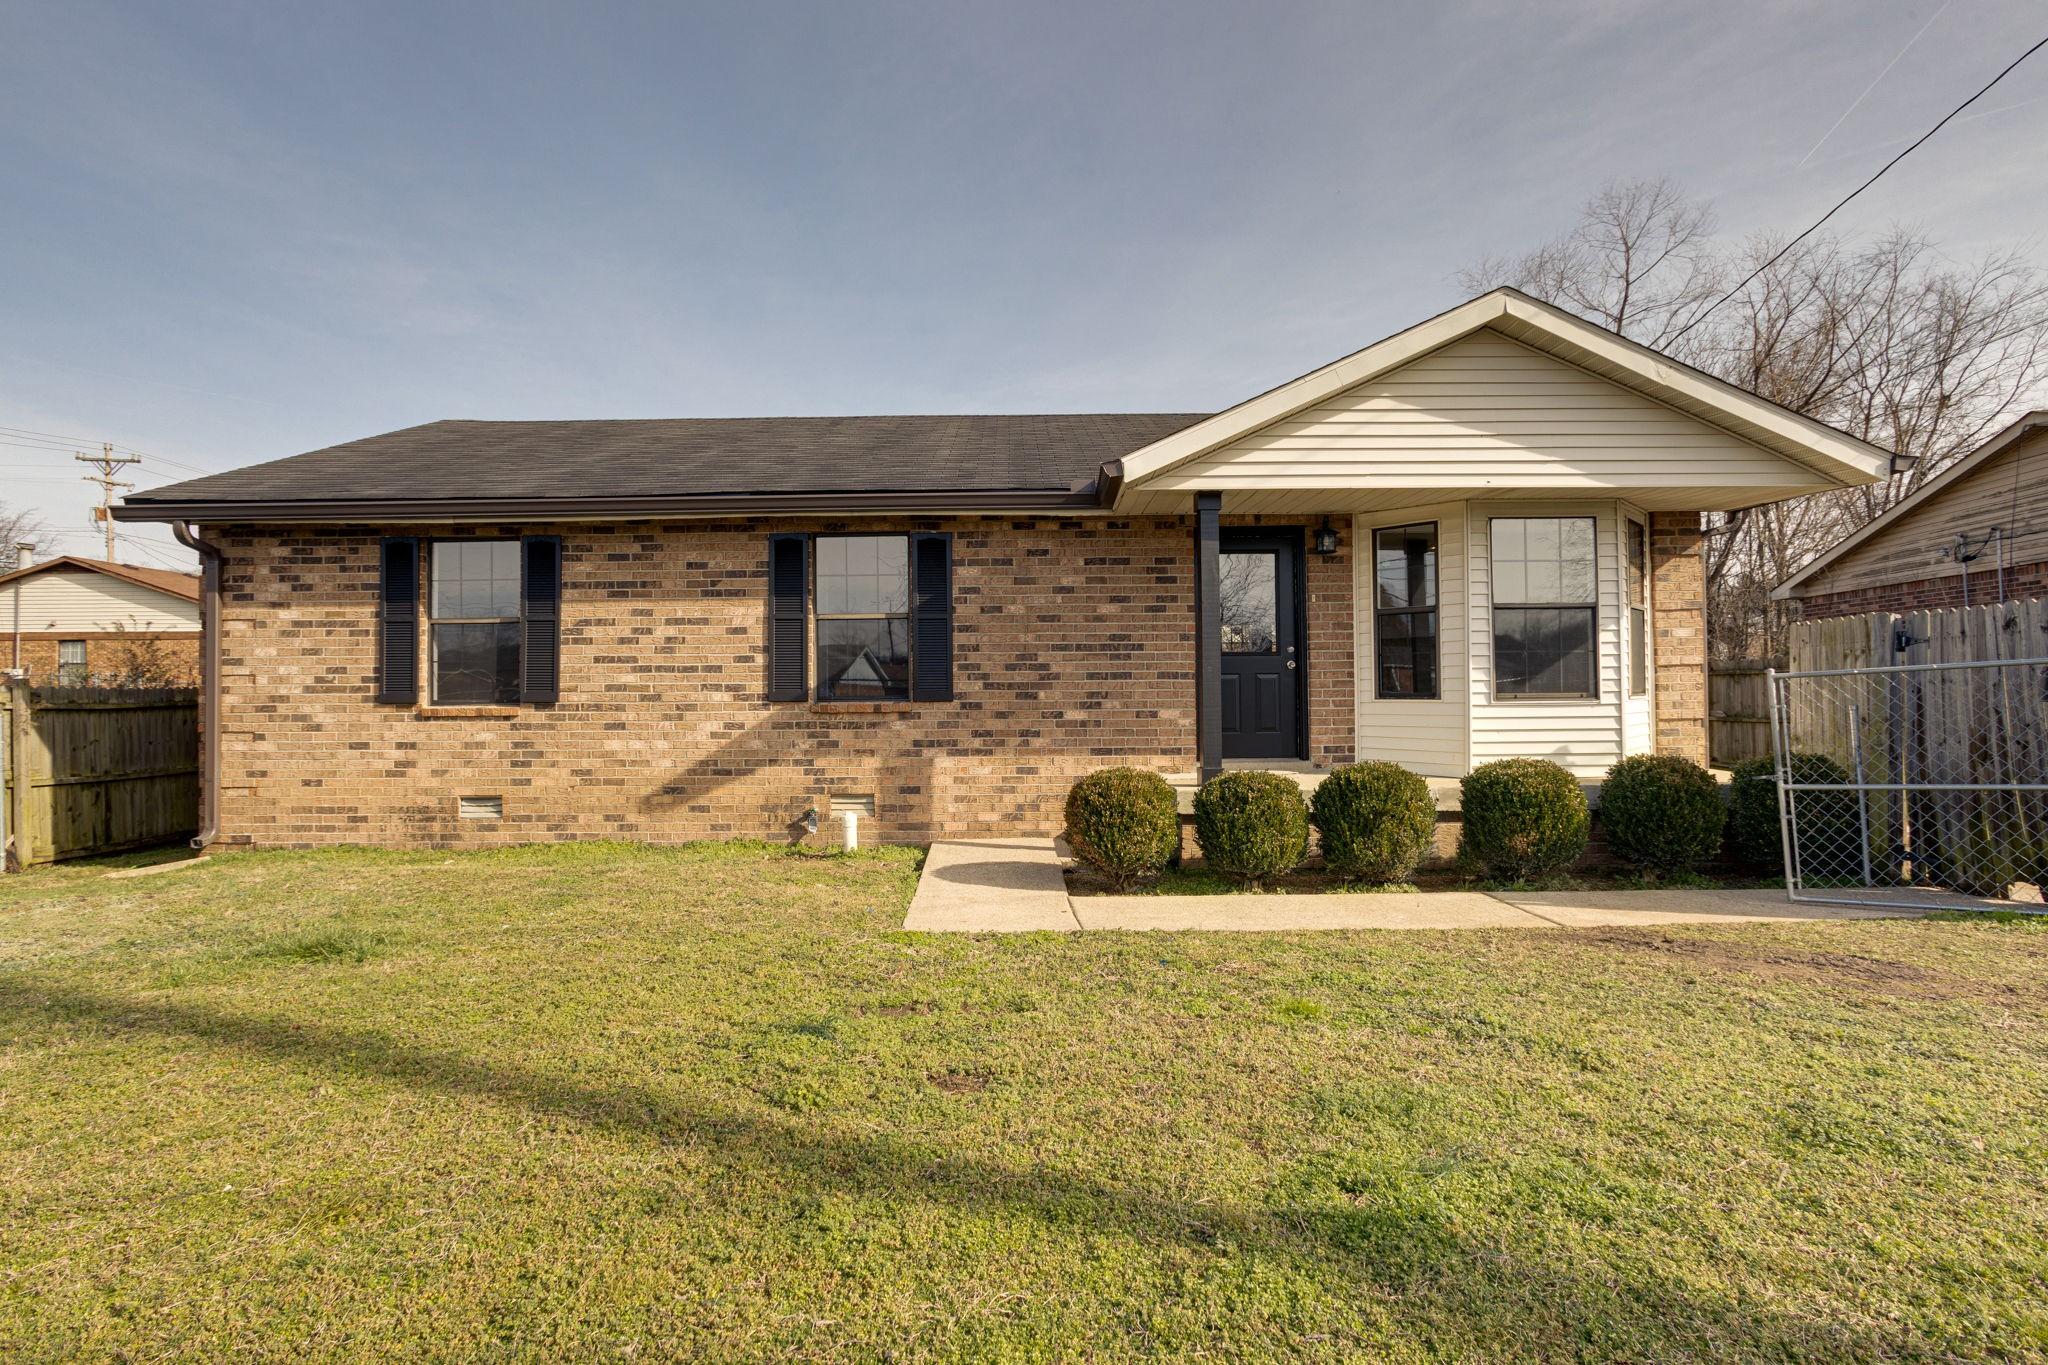 3516 Moorewood Dr, Nashville, TN 37207 - Nashville, TN real estate listing